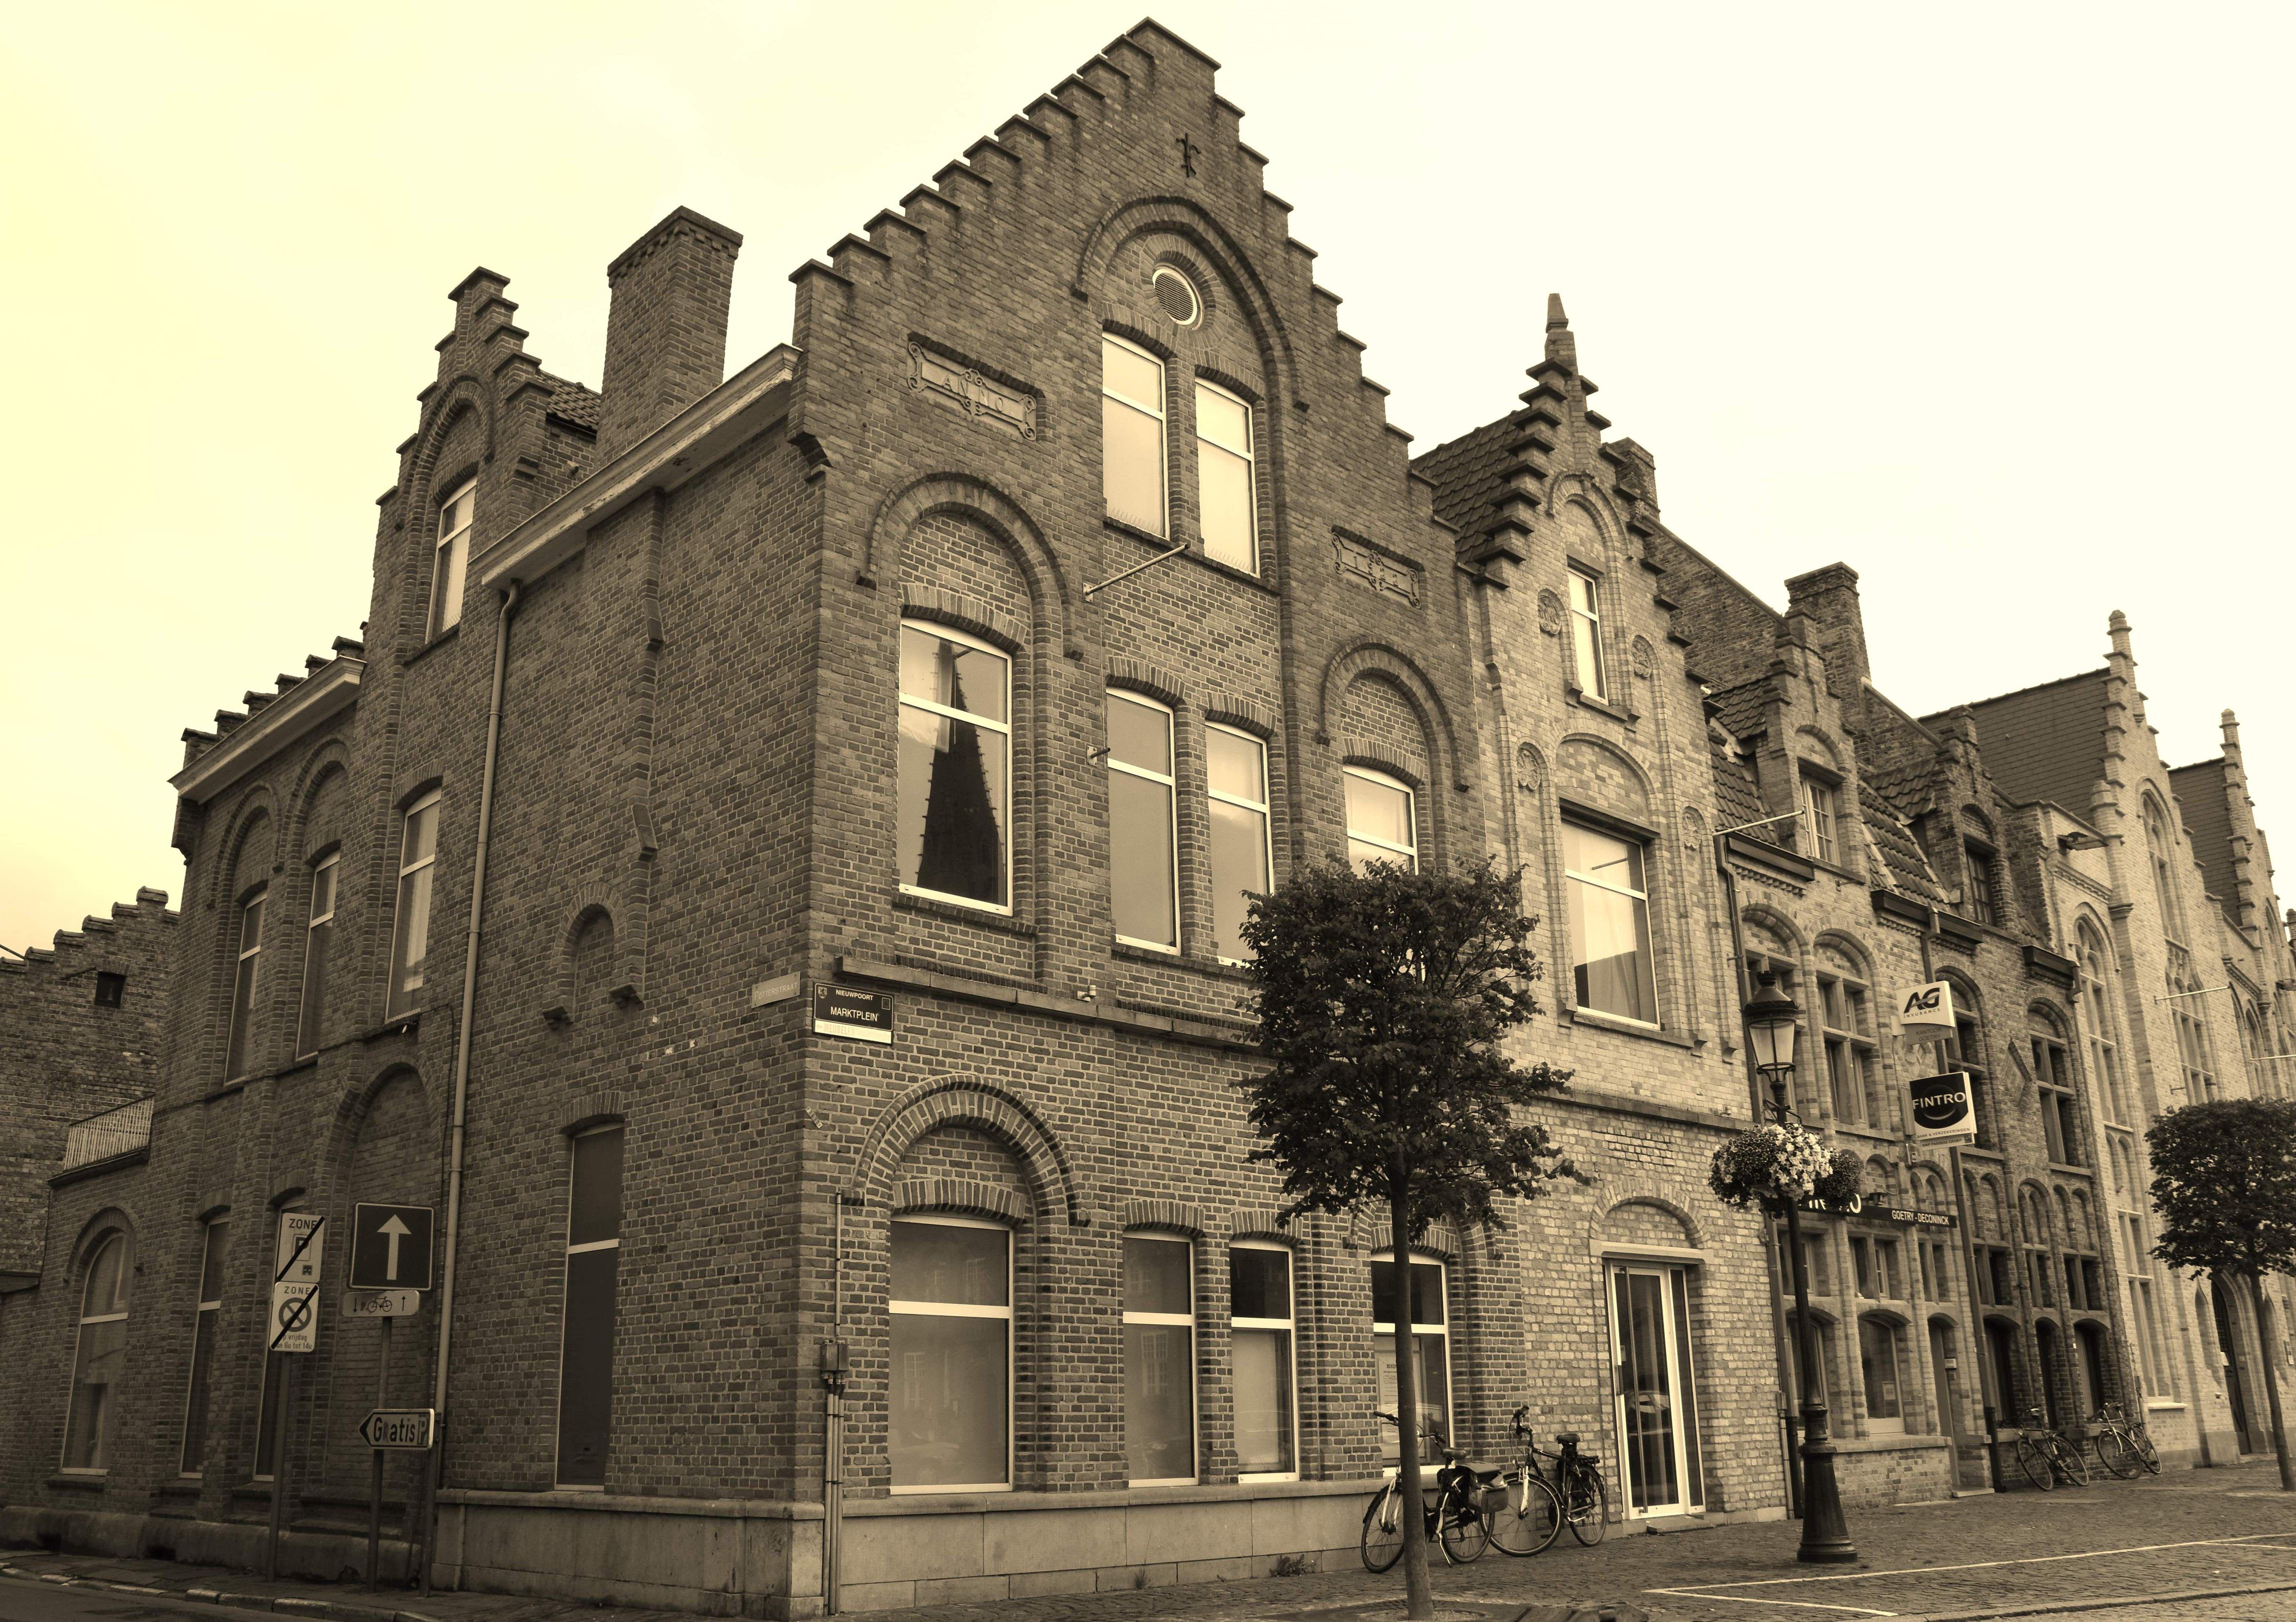 Appartement 3 slaapkamers te koop Marktplein Nieuwpoort - 9109